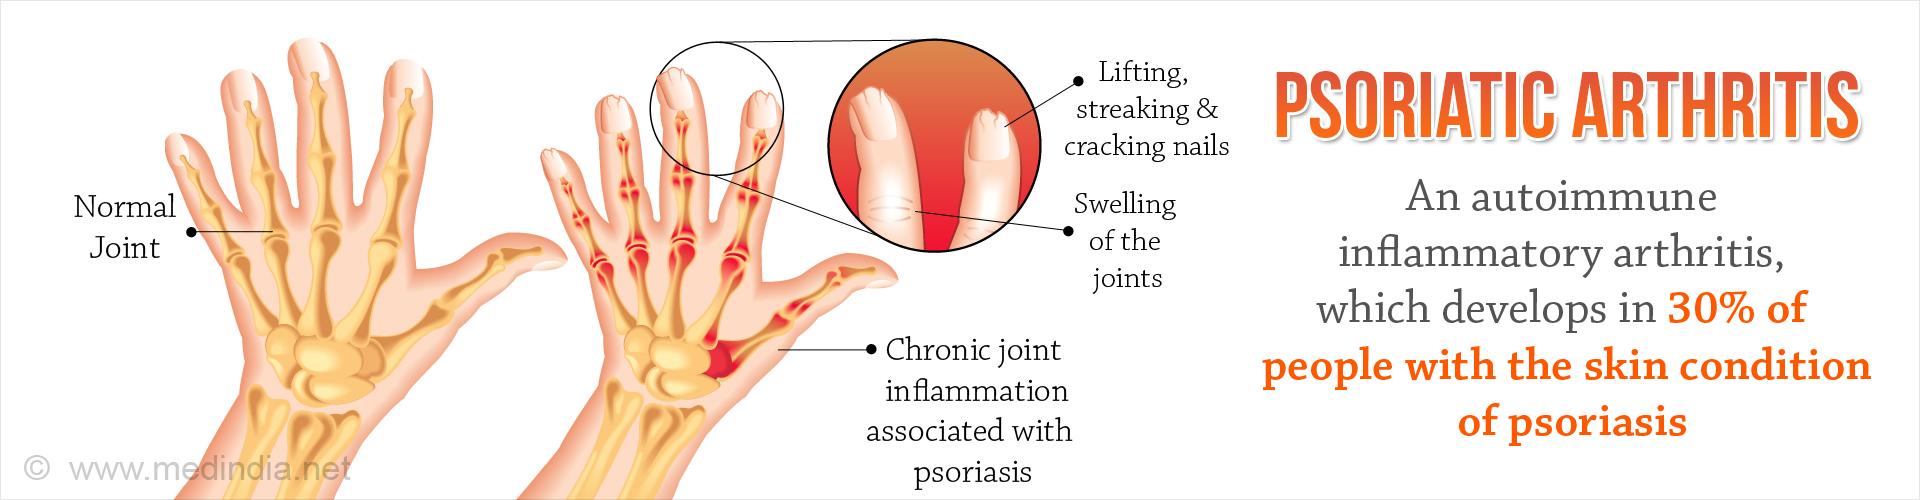 Psoriatic Arthritis Treatment